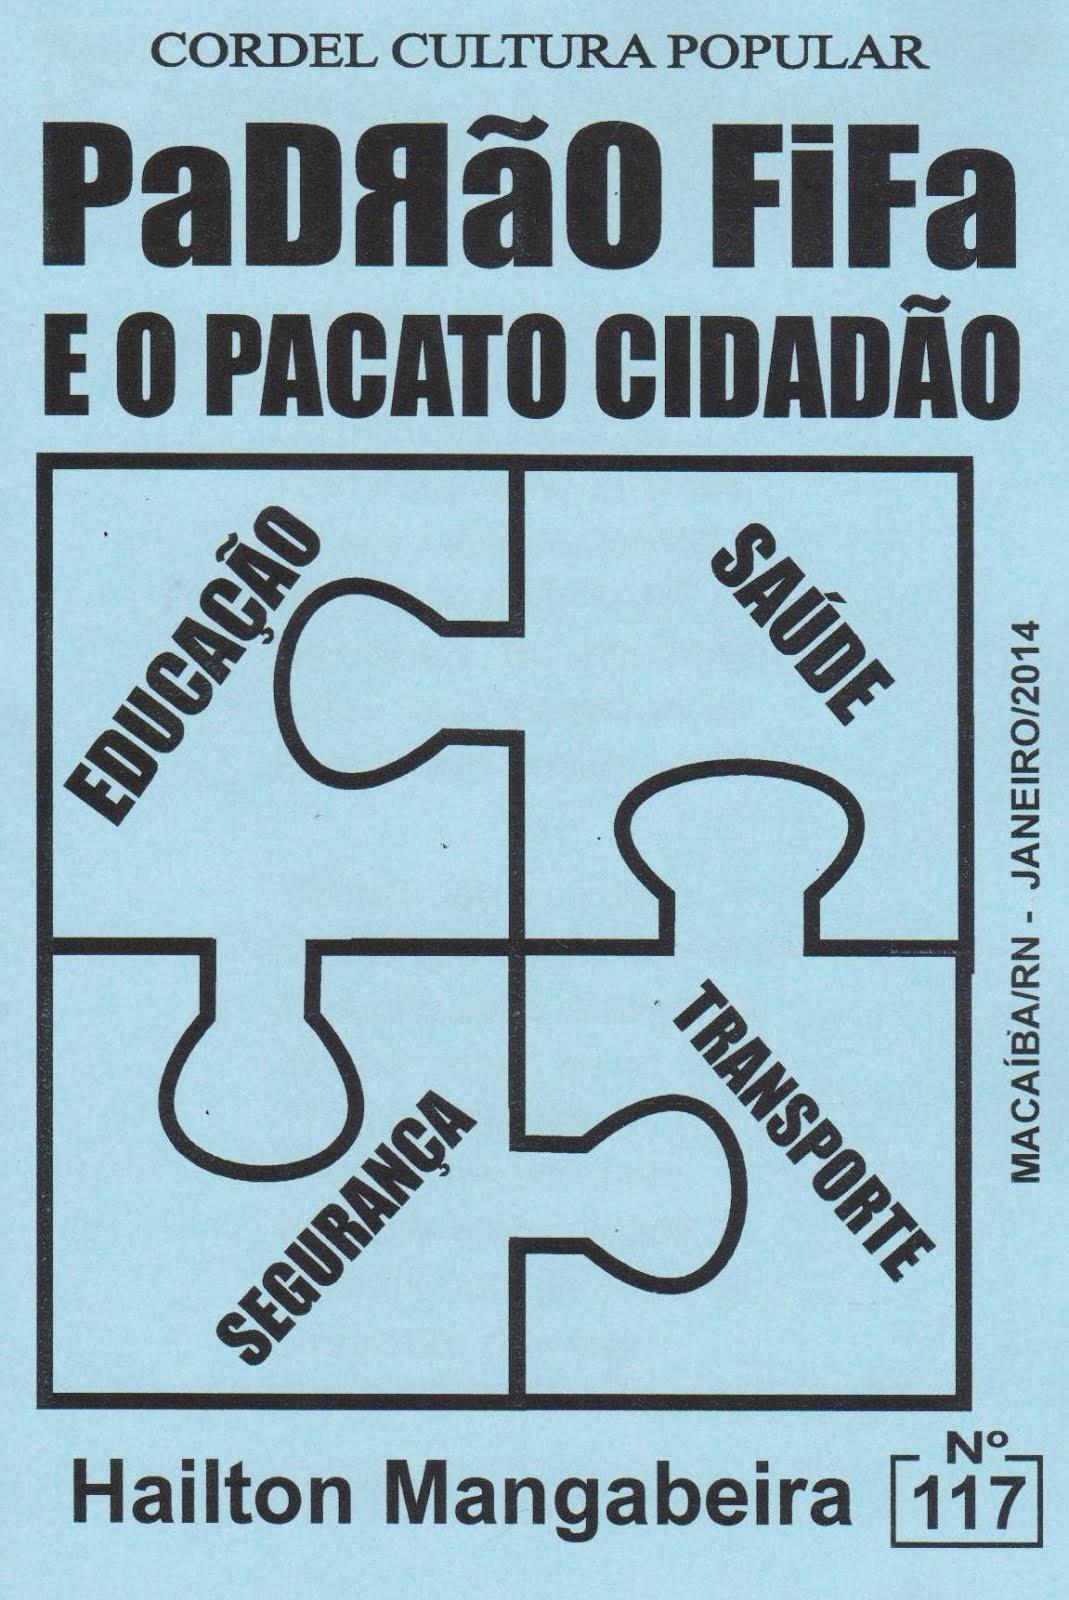 Cordel: Padrão FiFa. Nº 117. Janeiro/2014